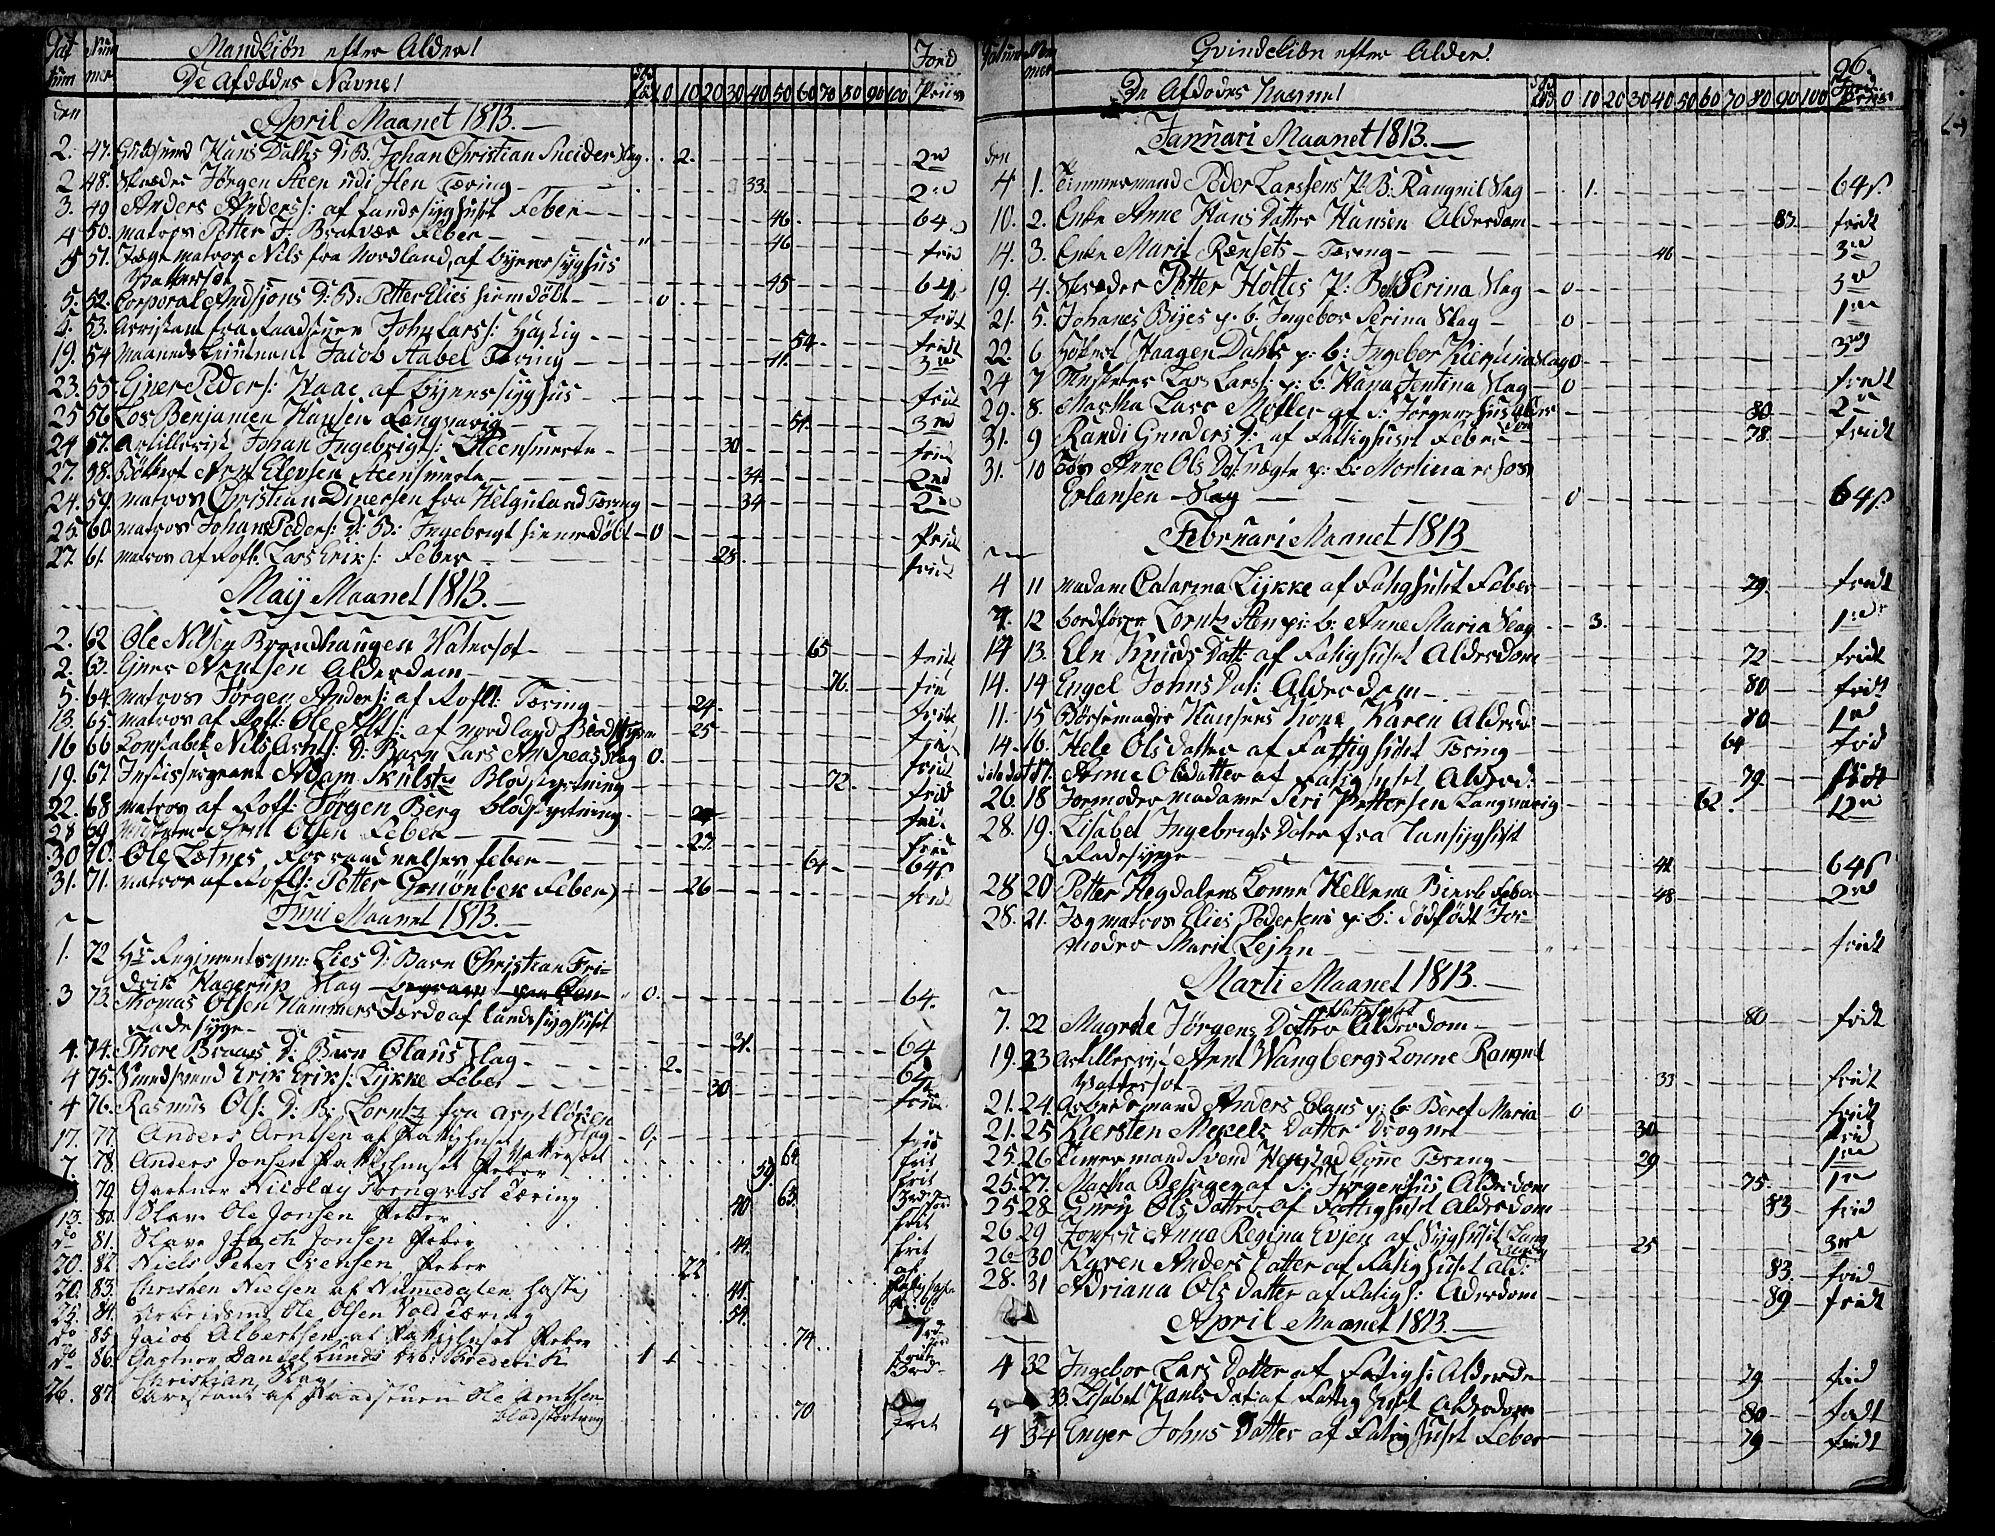 SAT, Ministerialprotokoller, klokkerbøker og fødselsregistre - Sør-Trøndelag, 601/L0040: Ministerialbok nr. 601A08, 1783-1818, s. 96